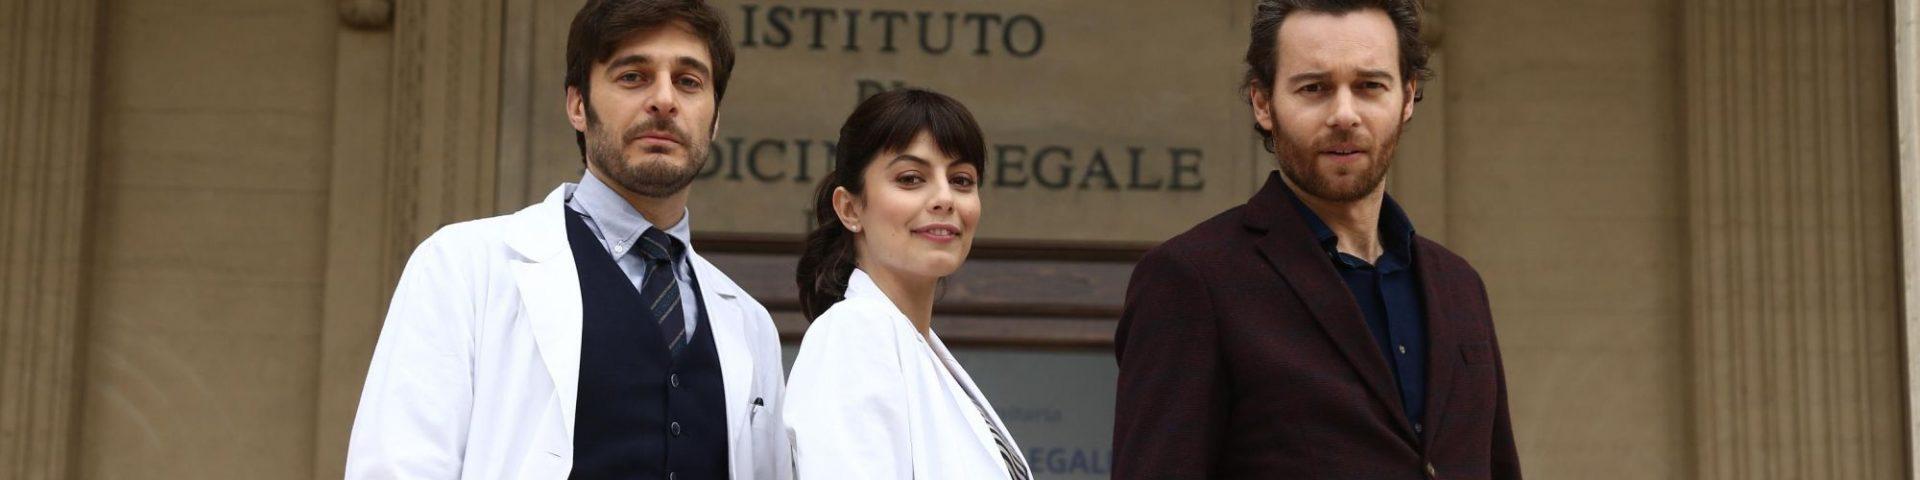 L'Allieva 2 con Alessandra Mastronardi, Lino Guanciale e Giorgio Marchesi - Video